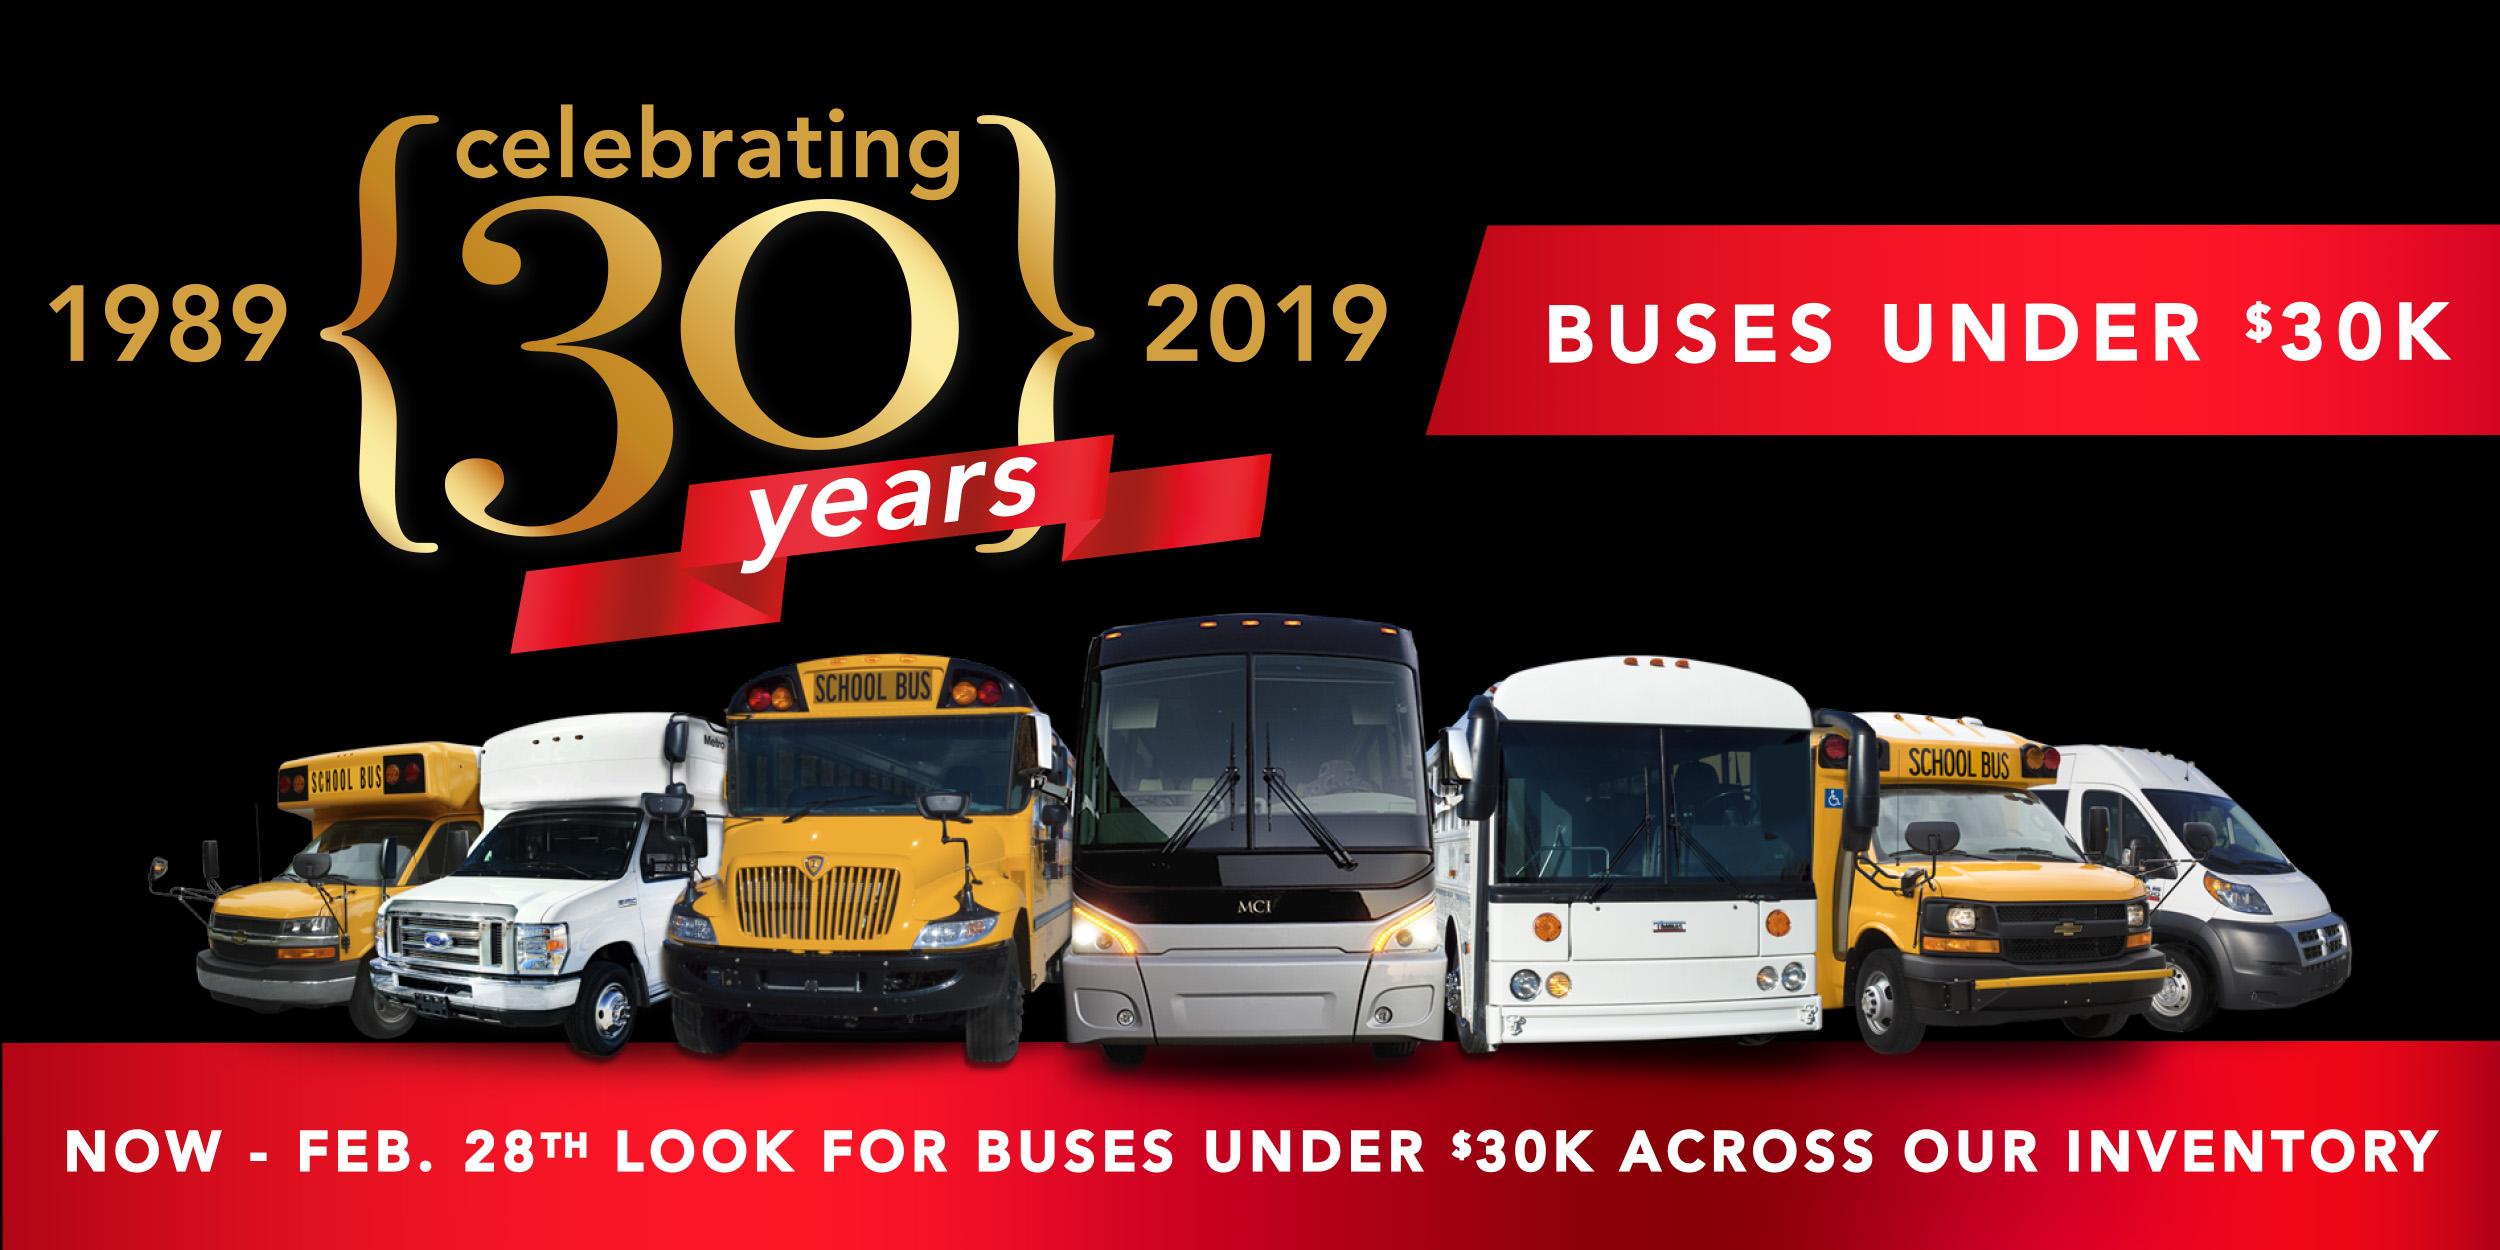 Buses for Sale below $30K